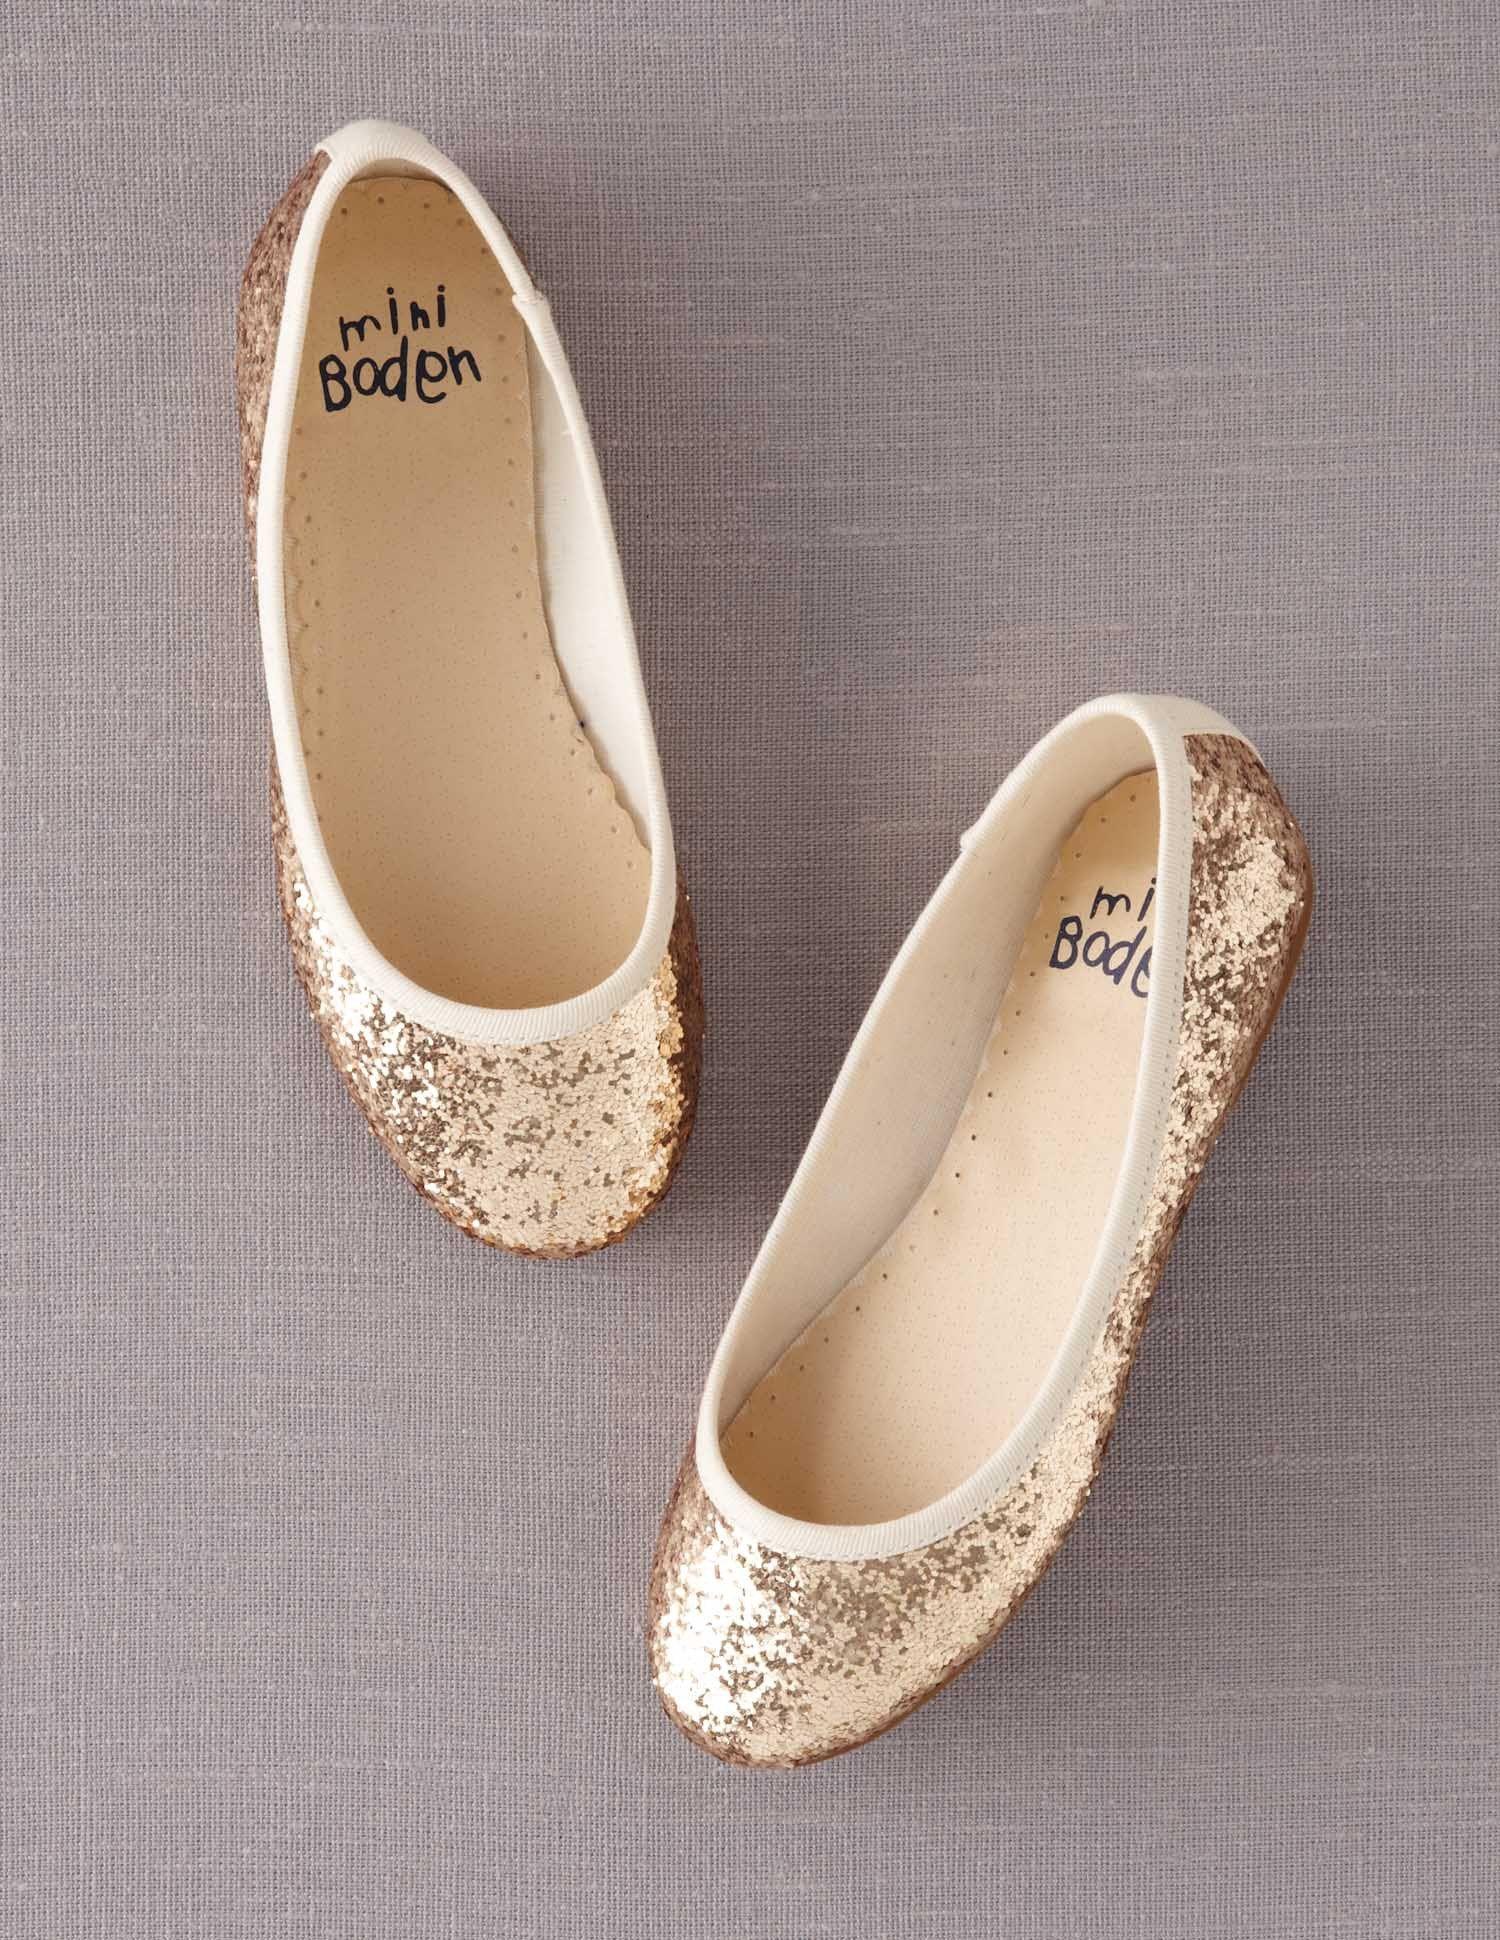 Wedding Flower Girl Shoes flower girl shoes glitter ballet flats 39105 at boden flowergirl